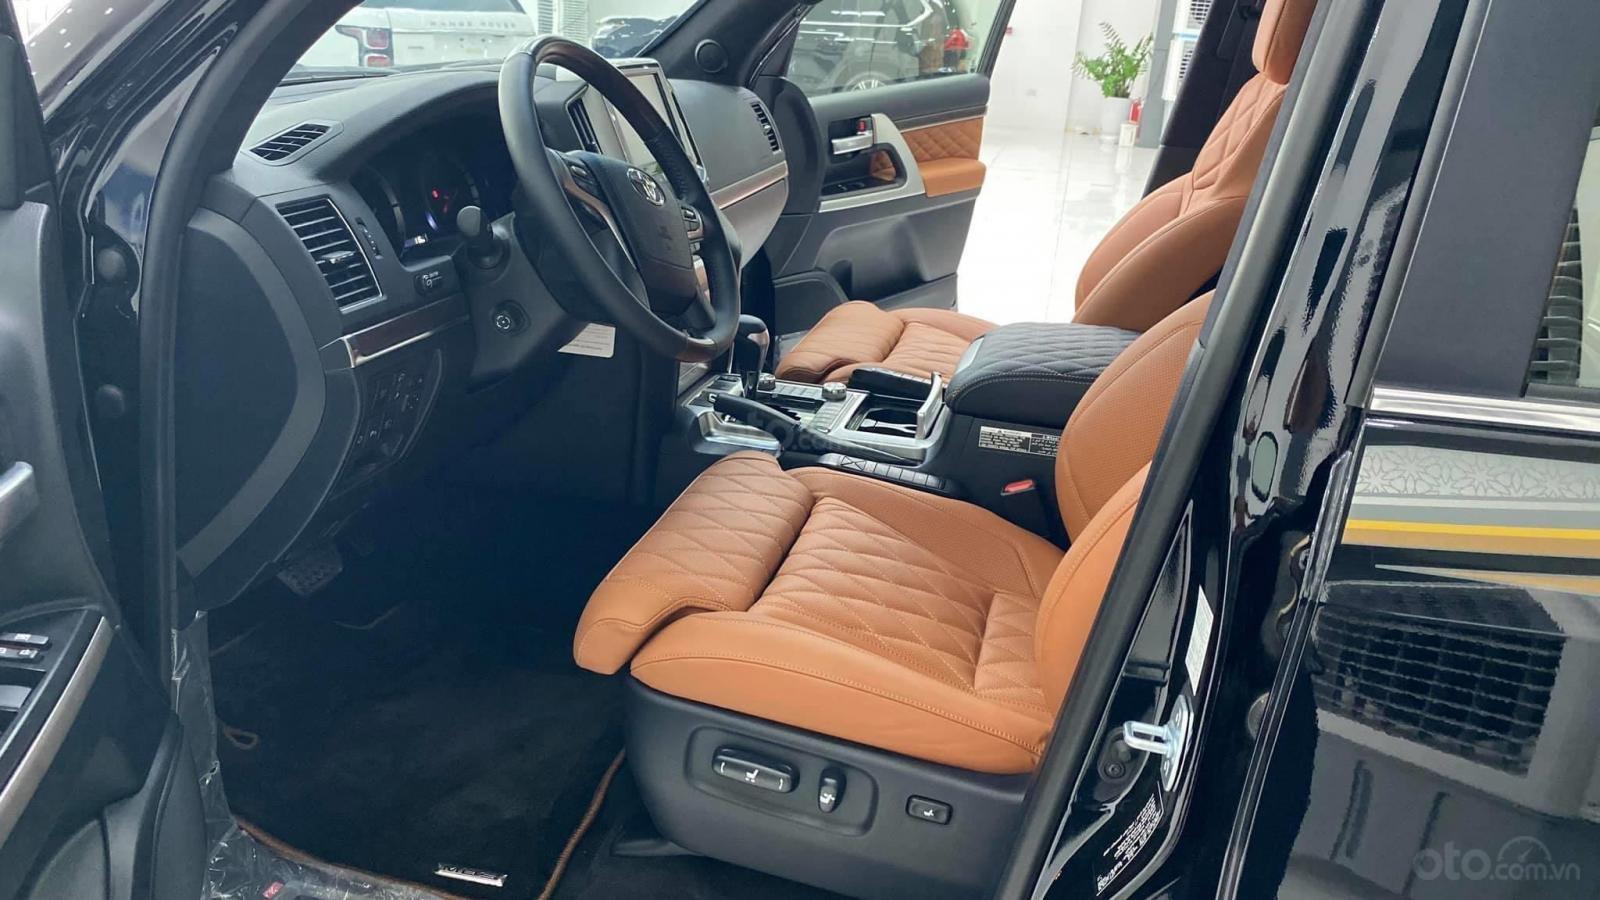 Bán Toyota Land Cruise VX S 5.7 sản xuất 2020, 4 ghế Massage siêu vip, xe giao ngay, giá tốt (7)